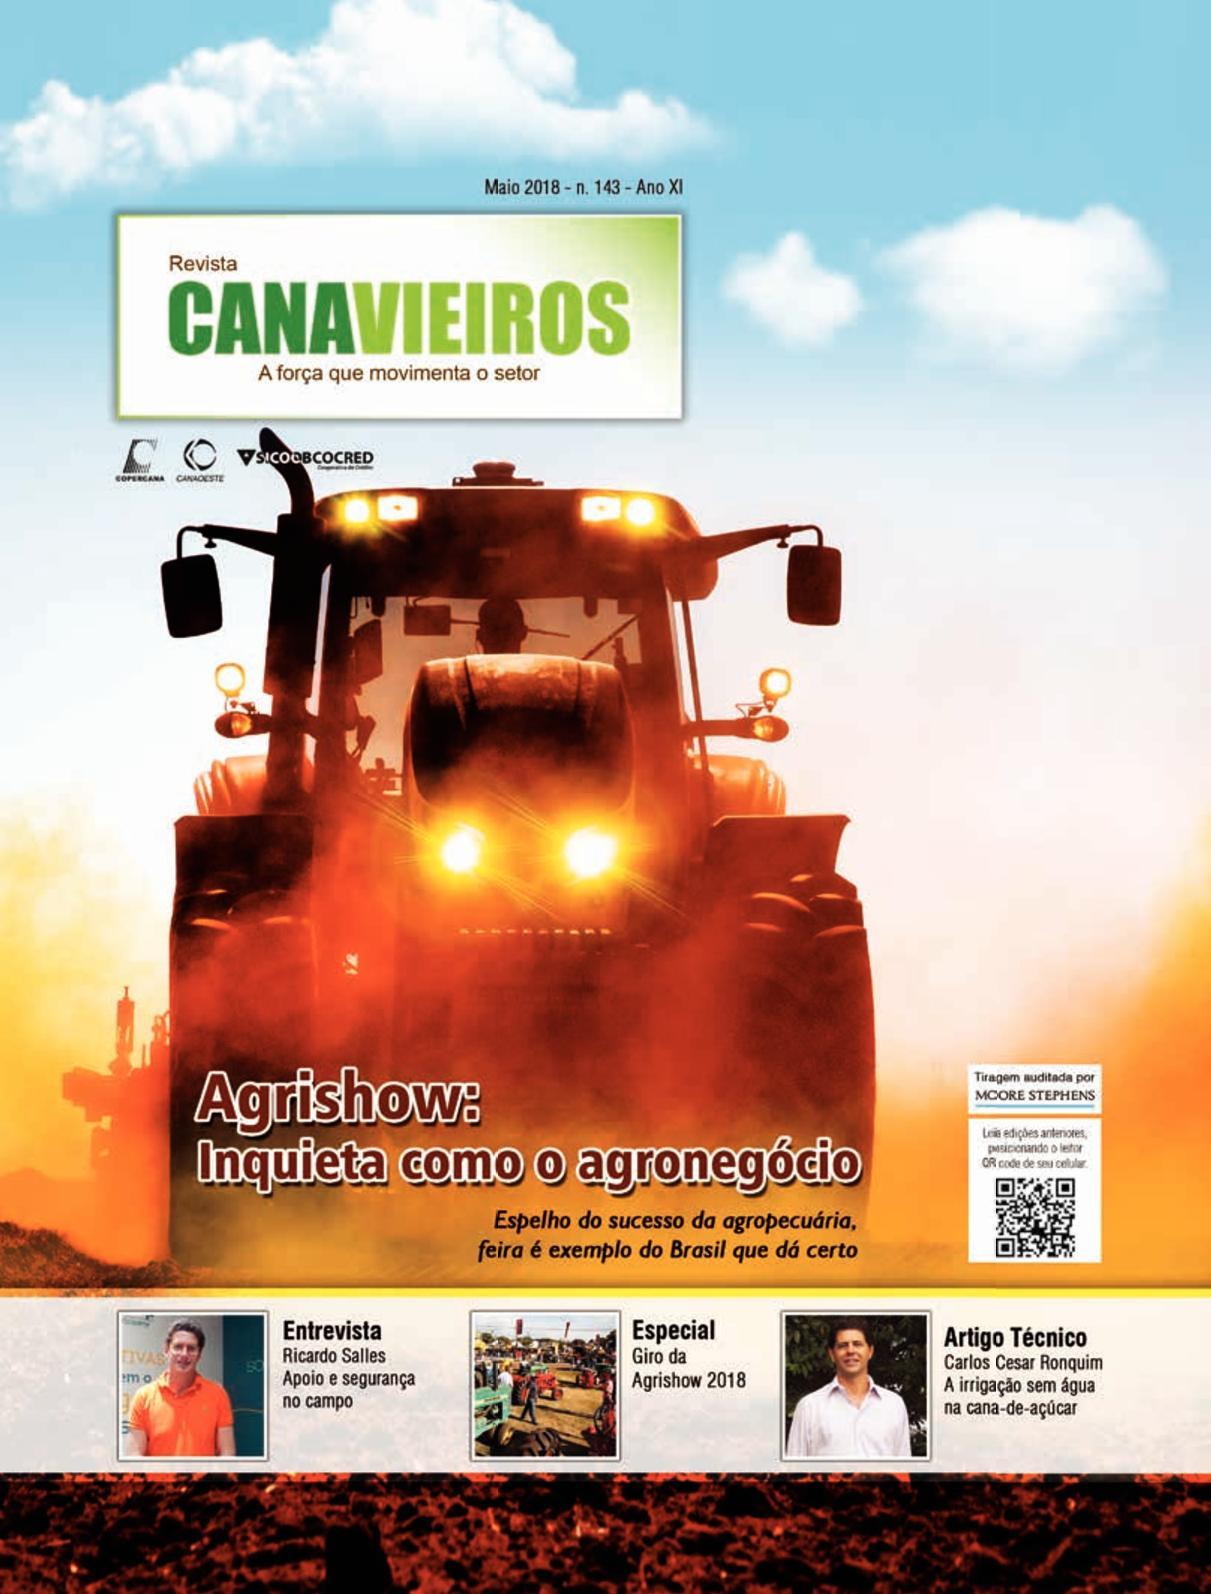 e74ec58389d Calaméo - Edição 143 - Maio 2018 - Agrishow  Inquieta como o agronegócio